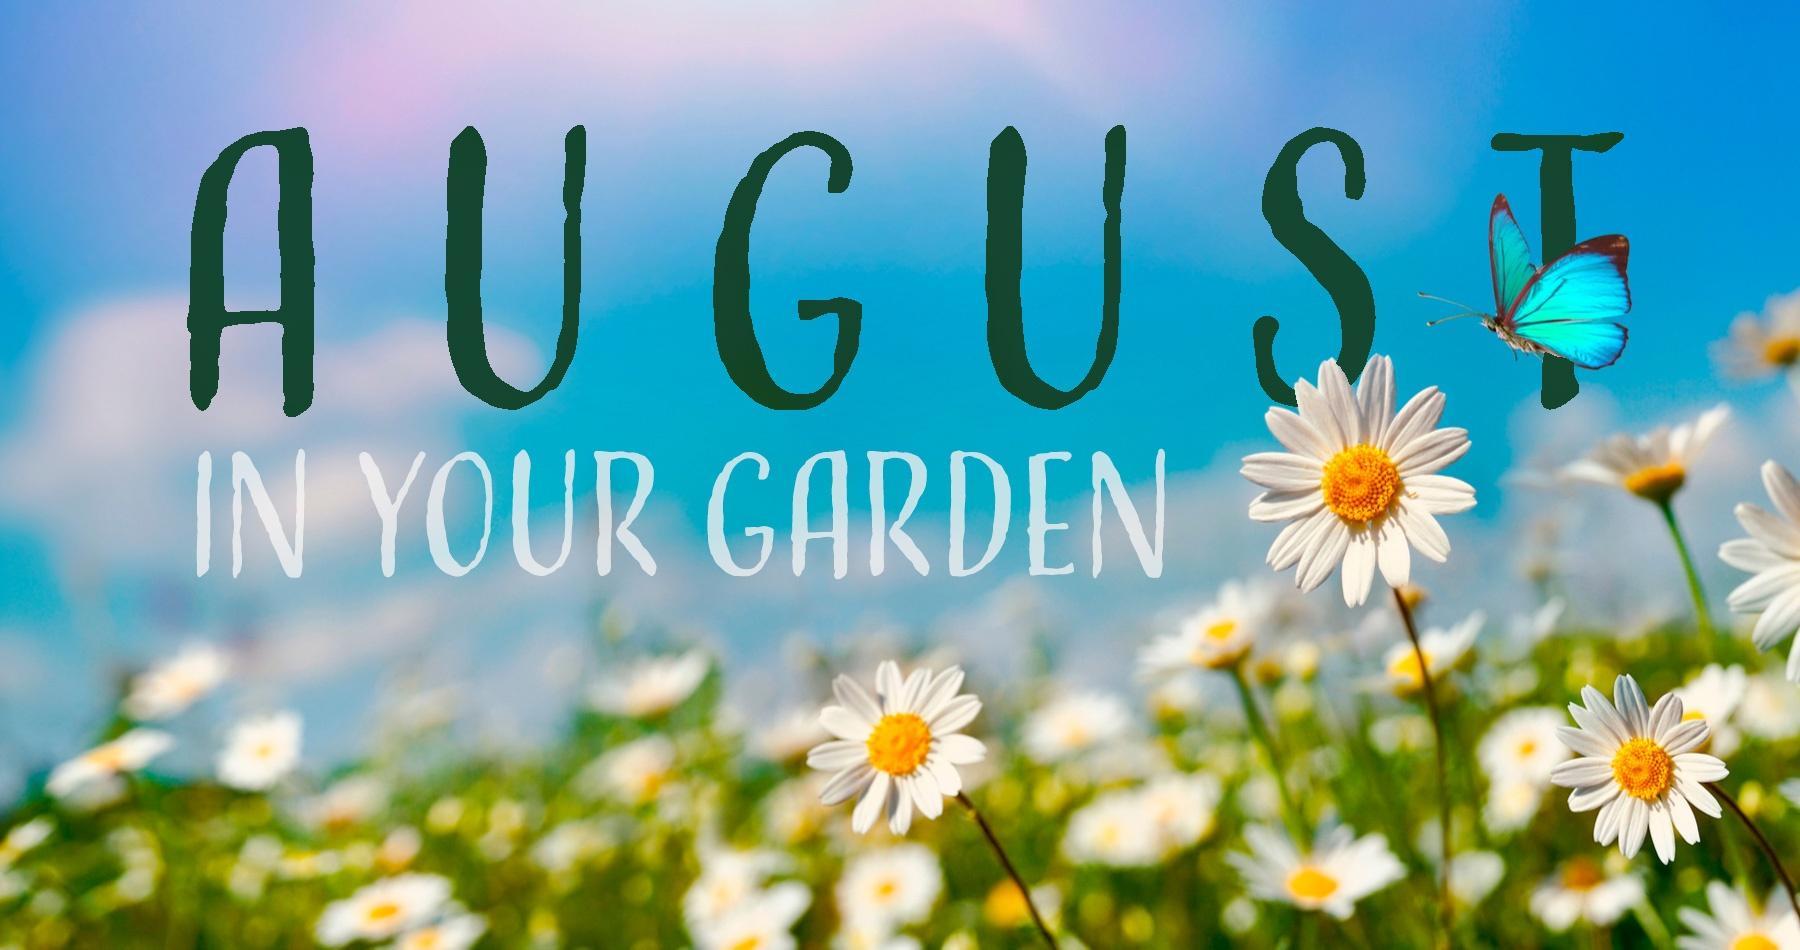 August in Your Garden